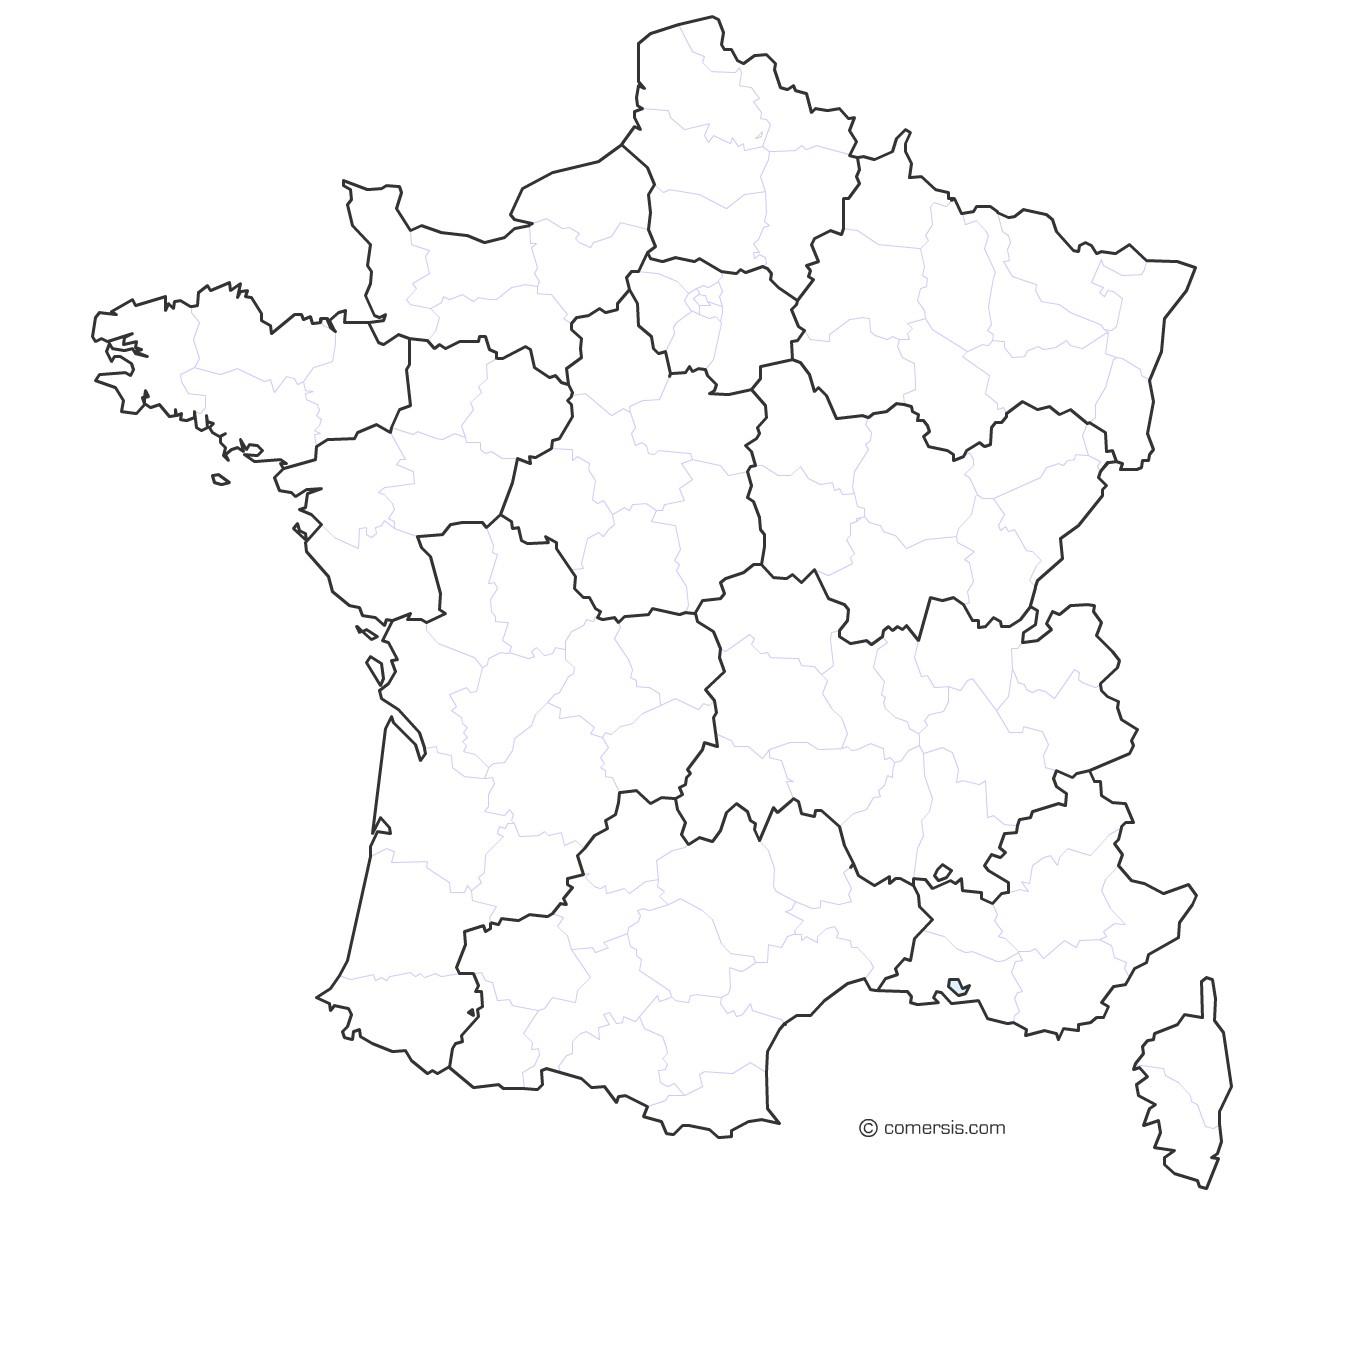 Cartes Vectorielles France dedans Carte De France Nouvelle Region